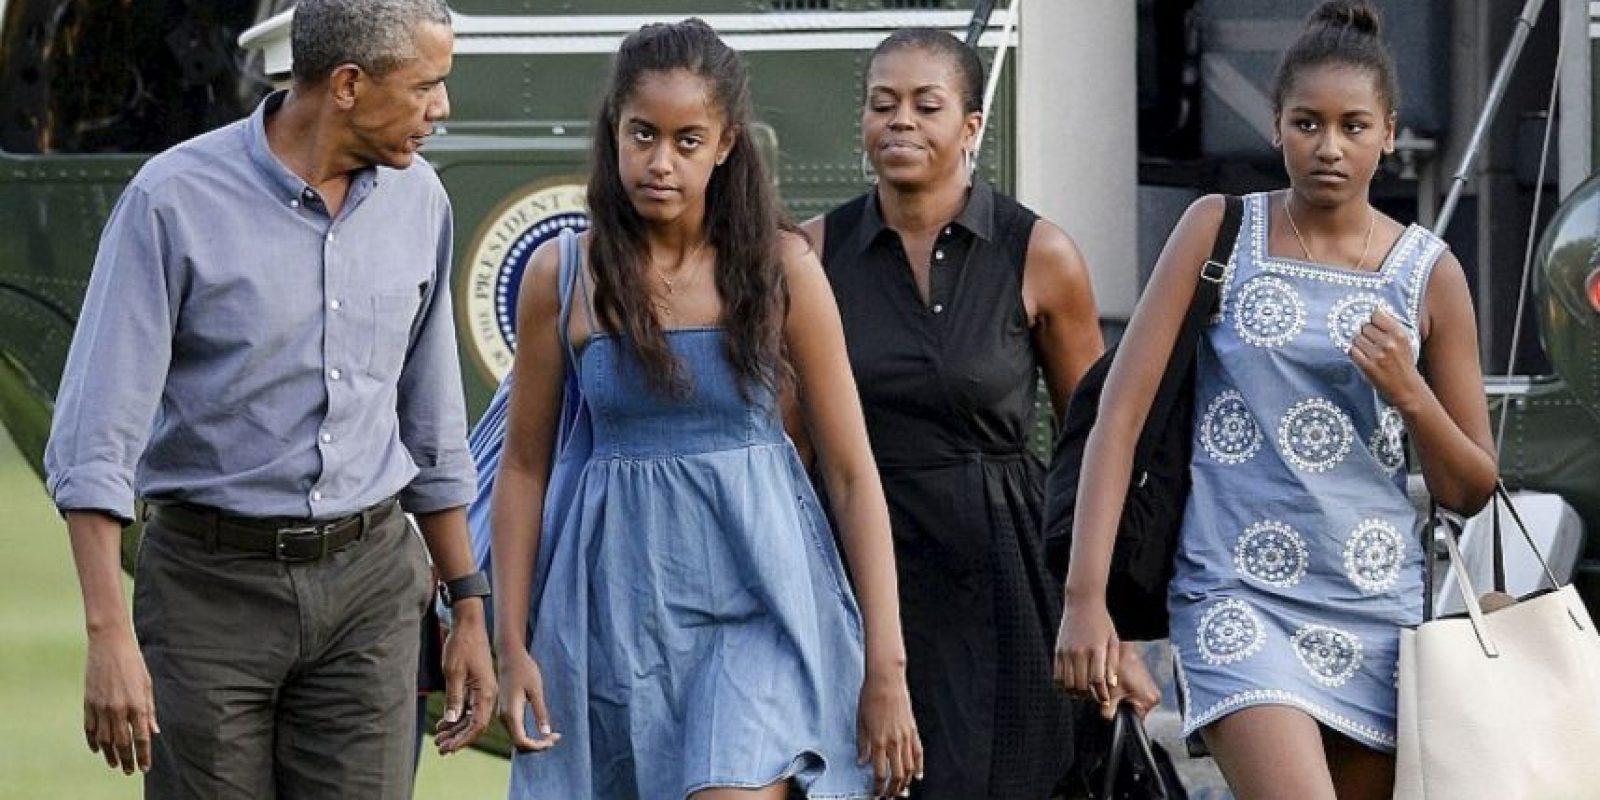 El presidente Barack Obama y su familia parecen tener síndrome postvacacional. Foto:Getty Images